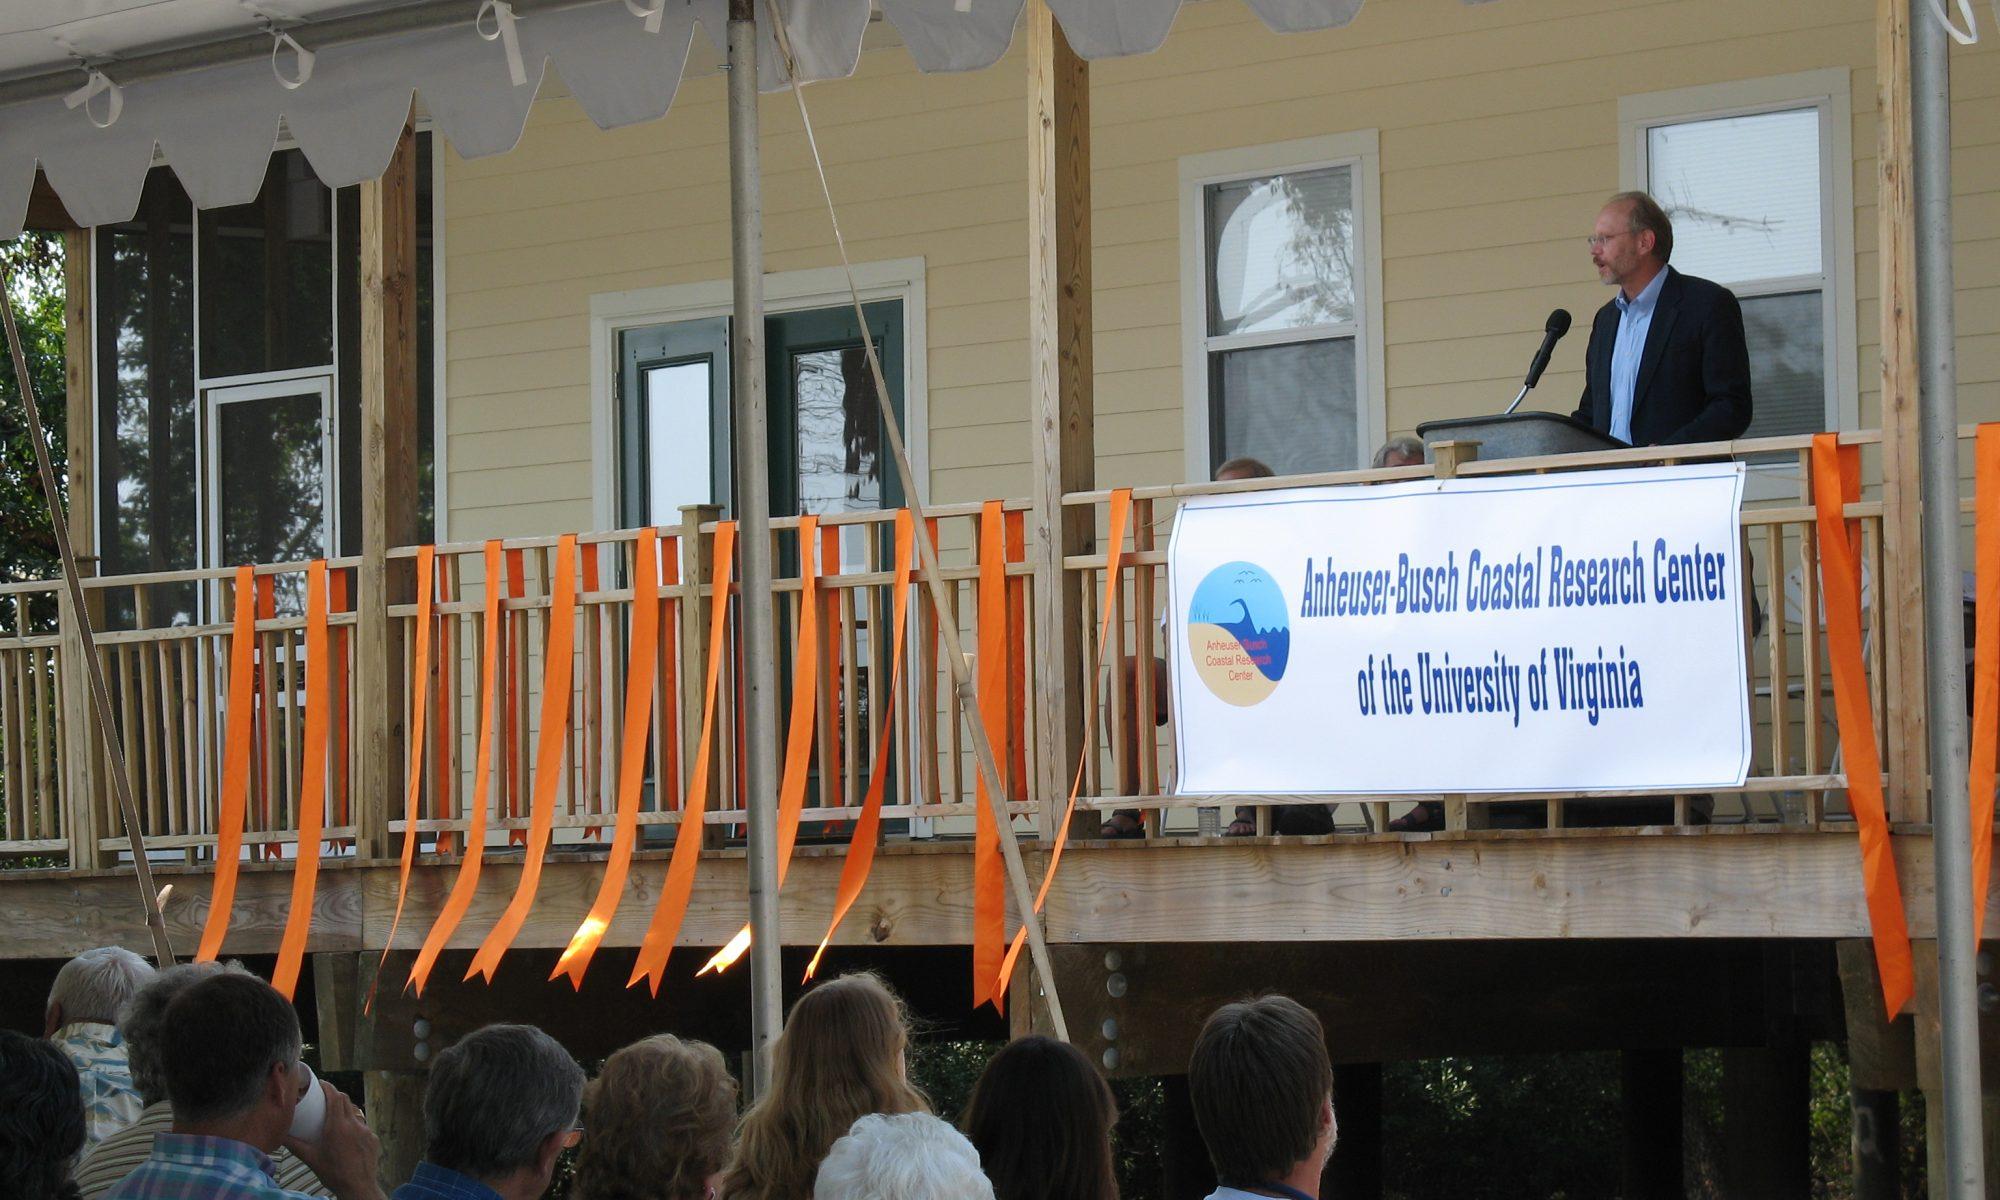 Anheuser-Busch Coastal Research Center